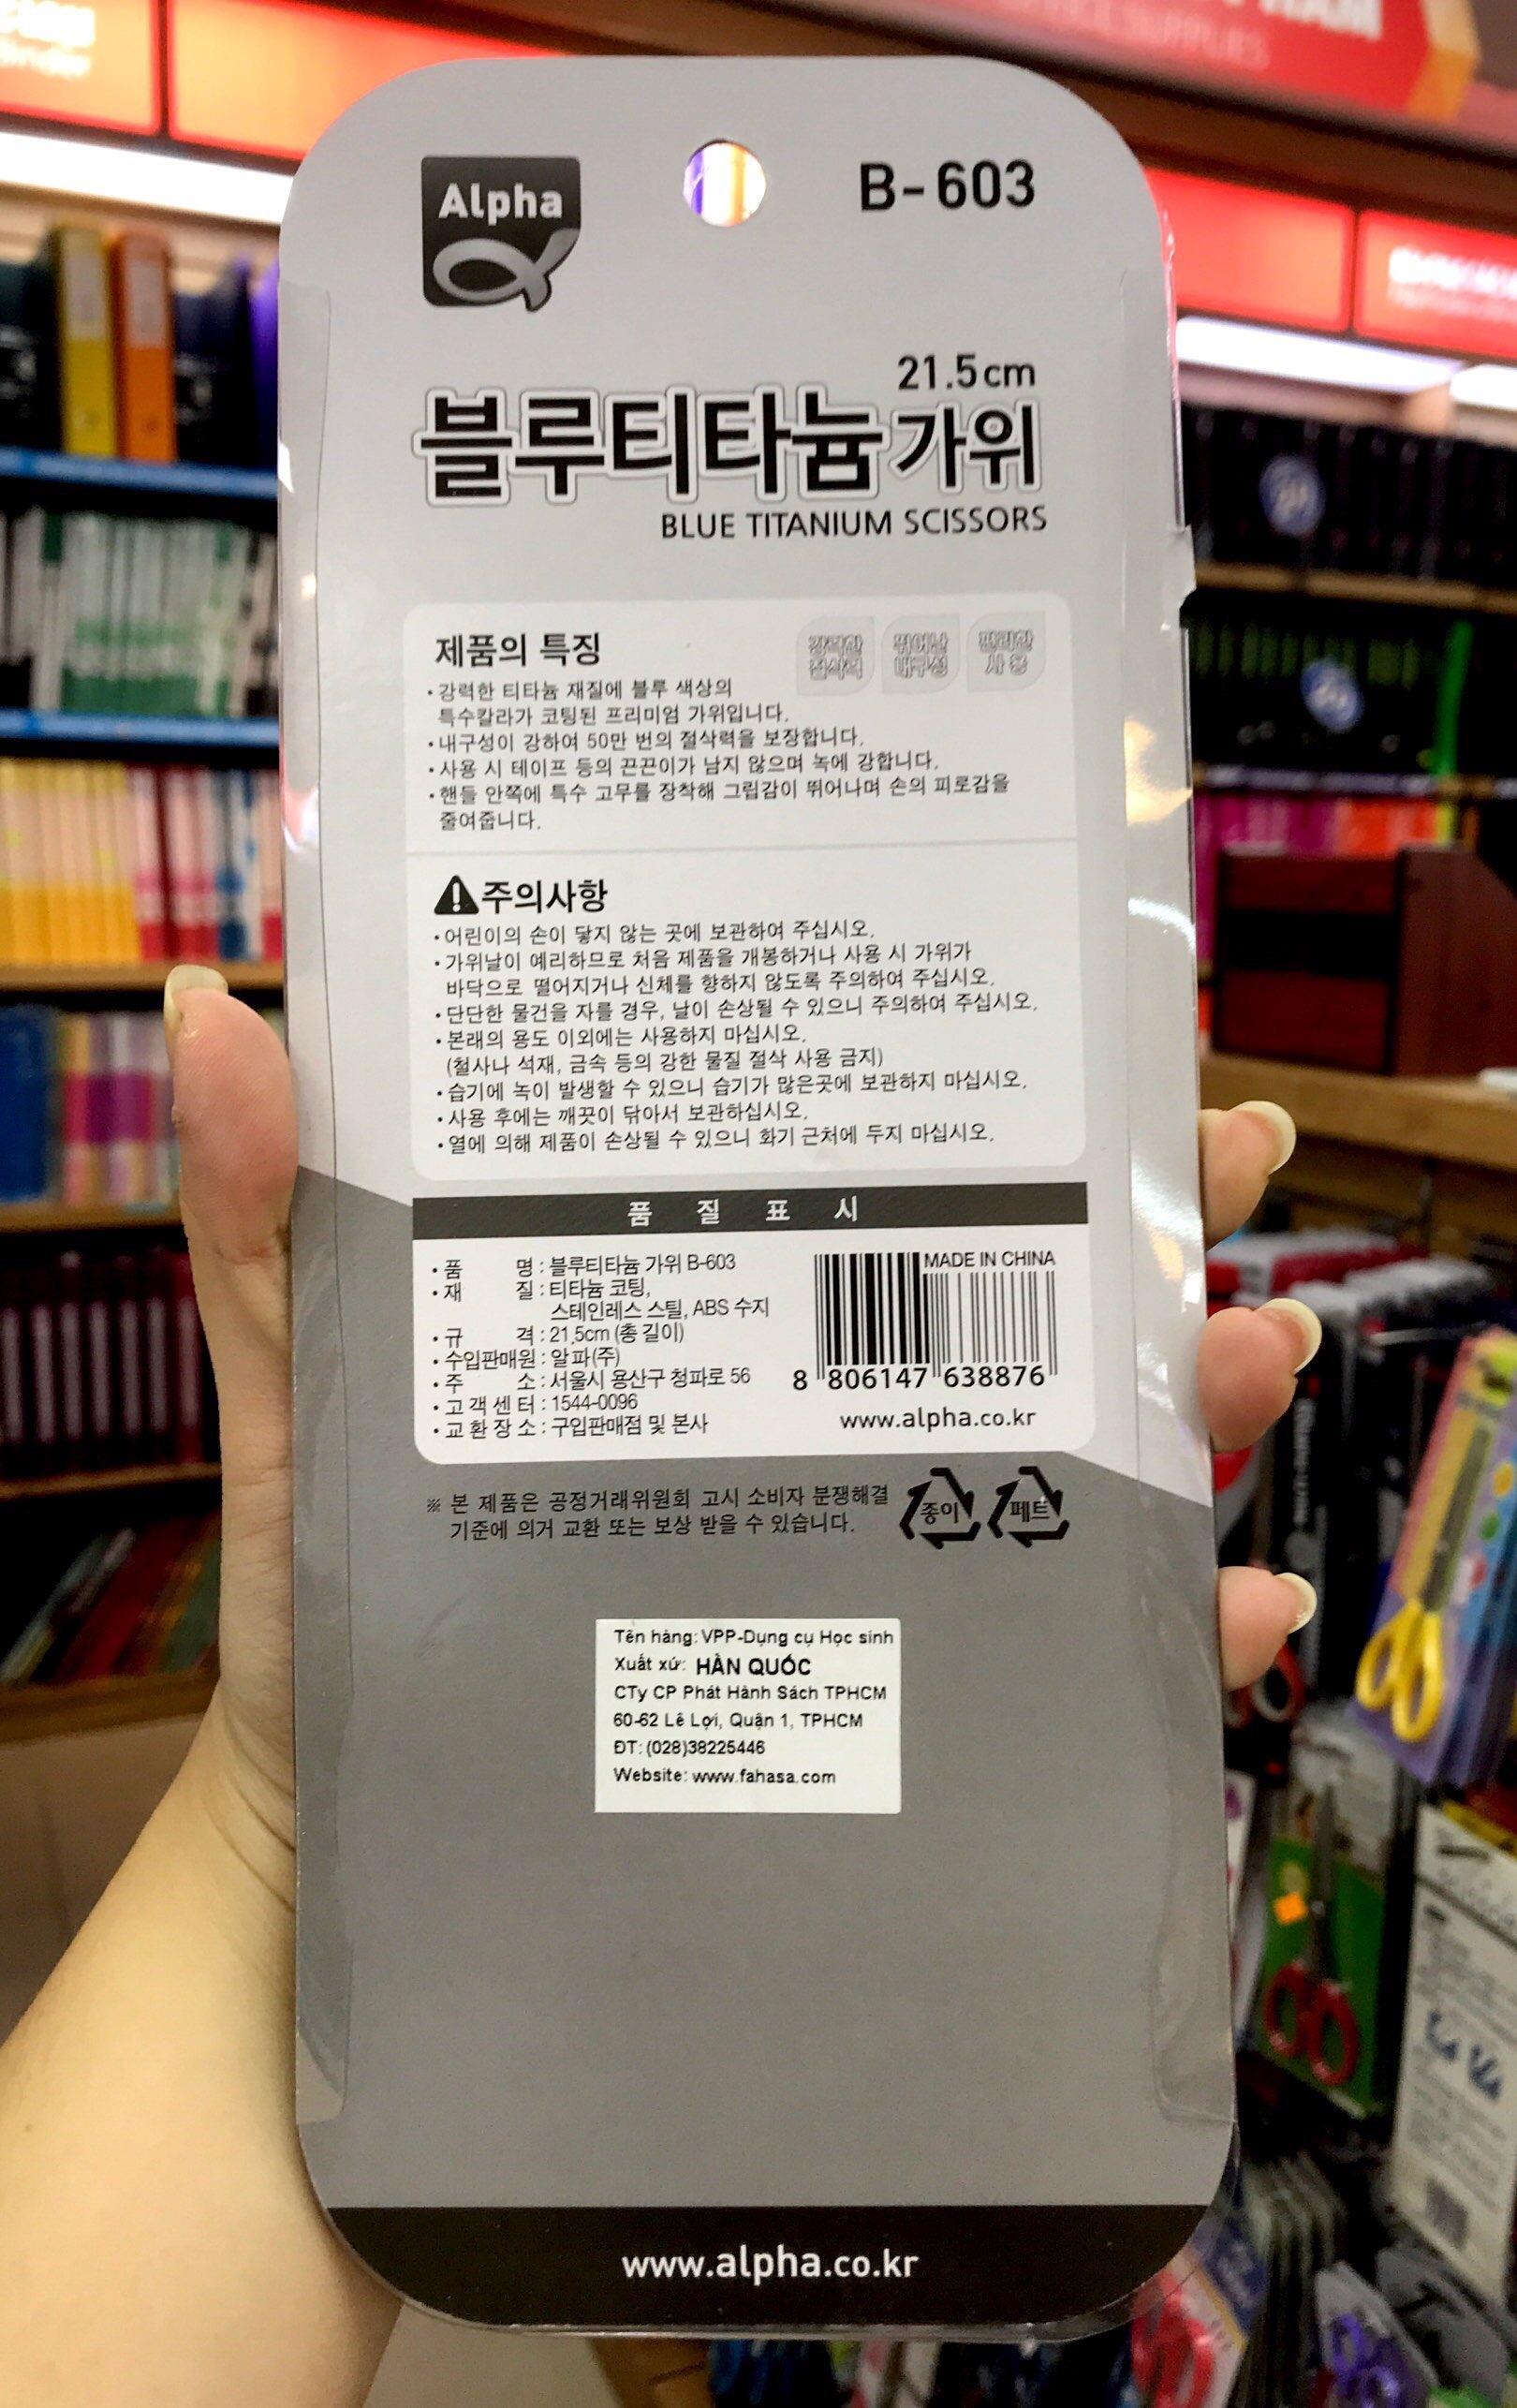 ALPHA_Kéo Titan 21.5Cm B-603_2311321